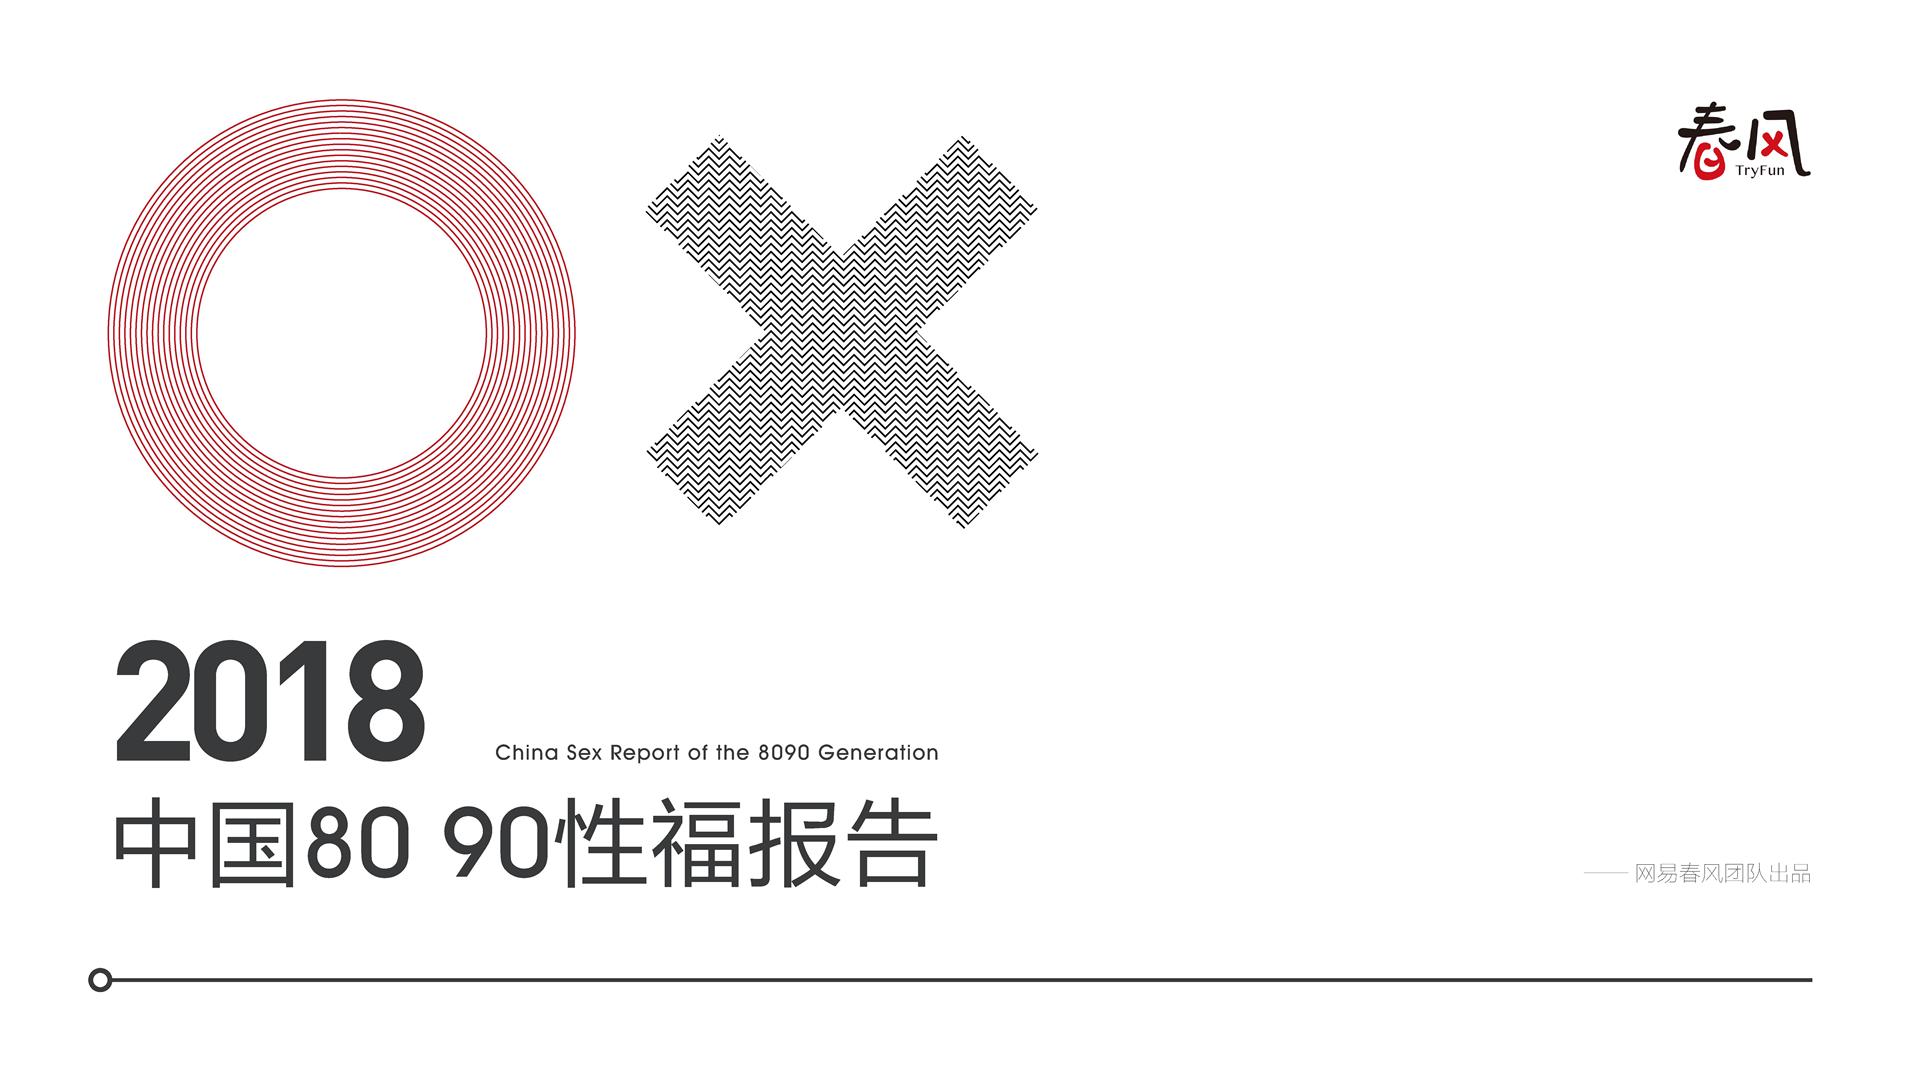 网易春风:中国80 90后性福报告